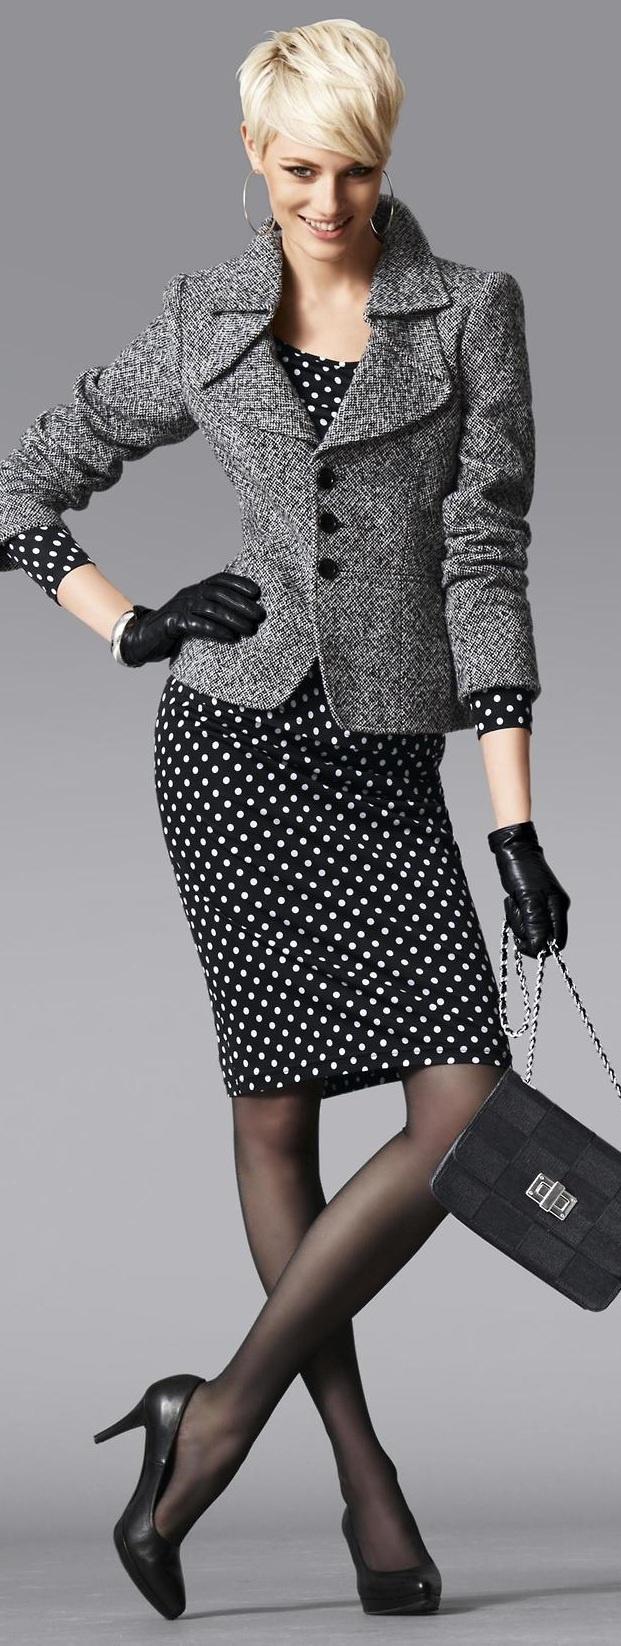 Polka dots & jacket. Always a good look